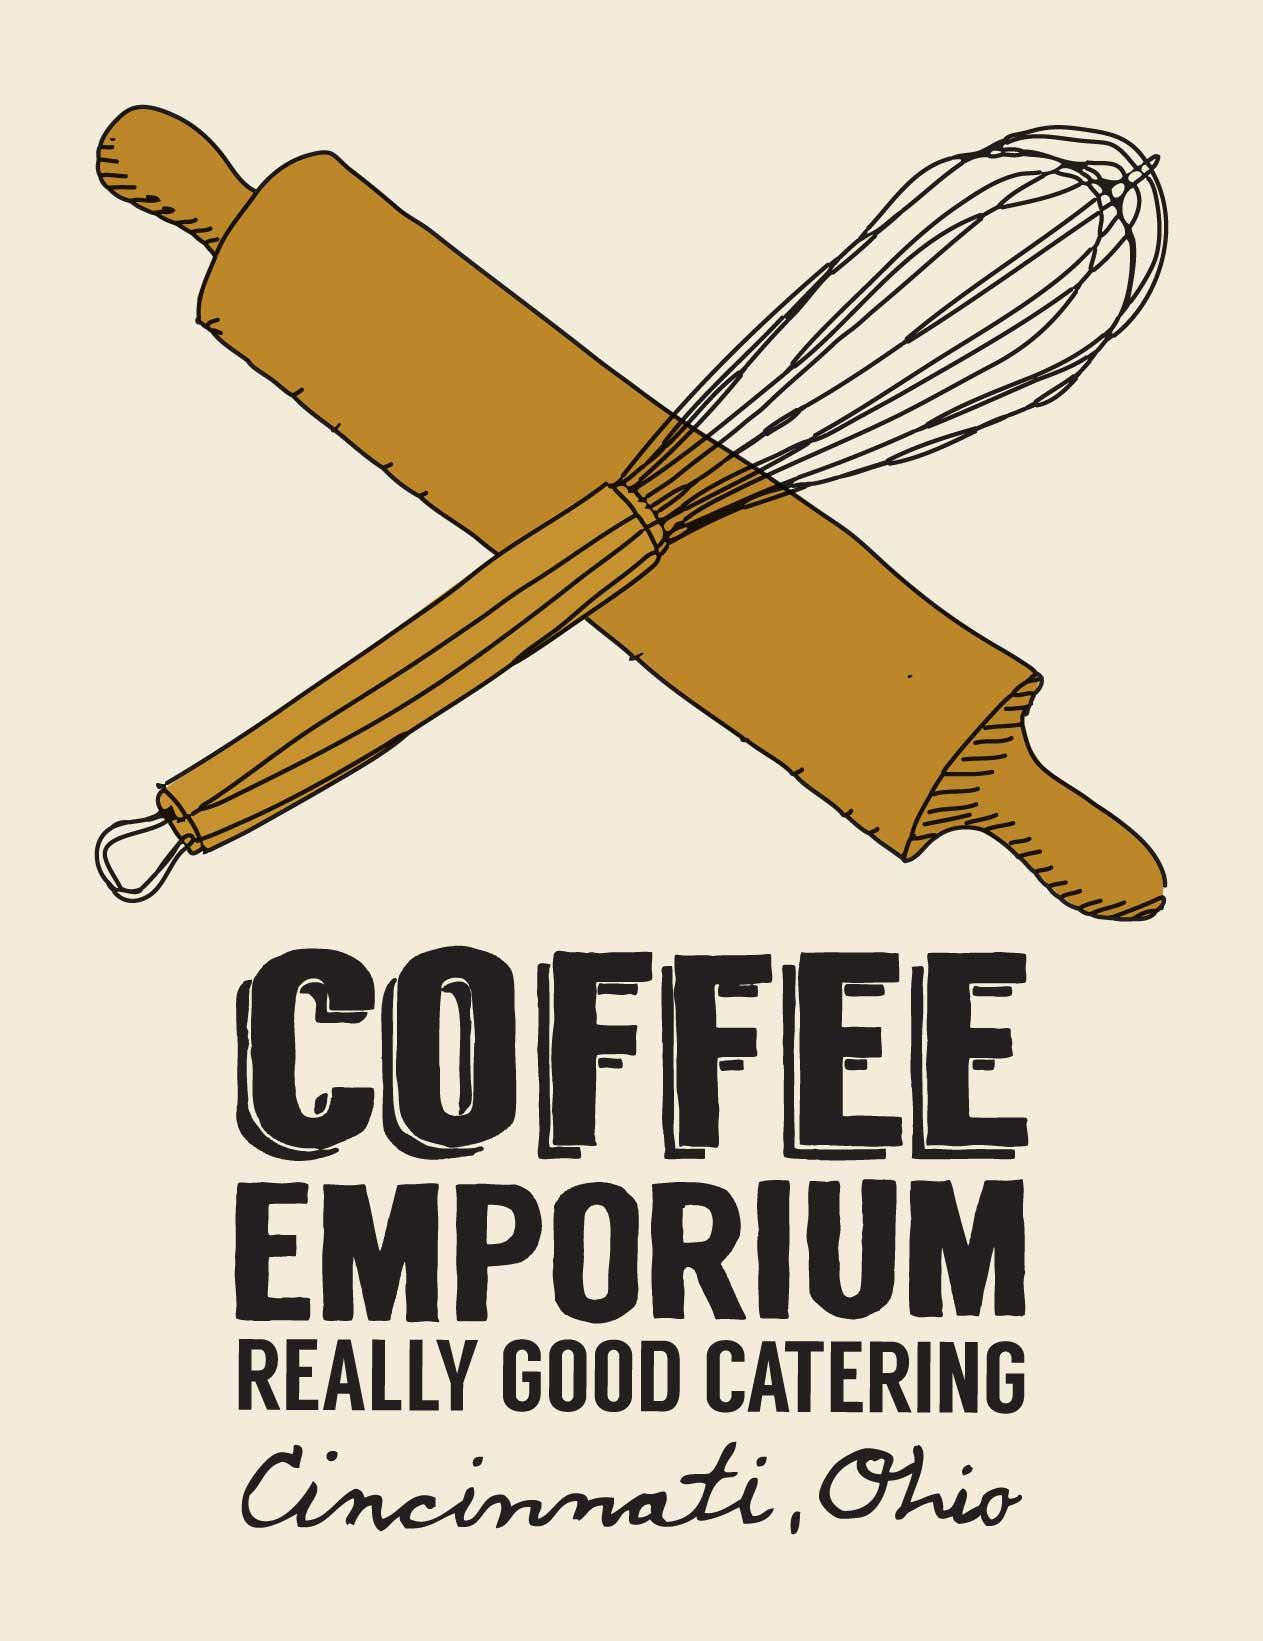 coffee-emporium-catering.jpg